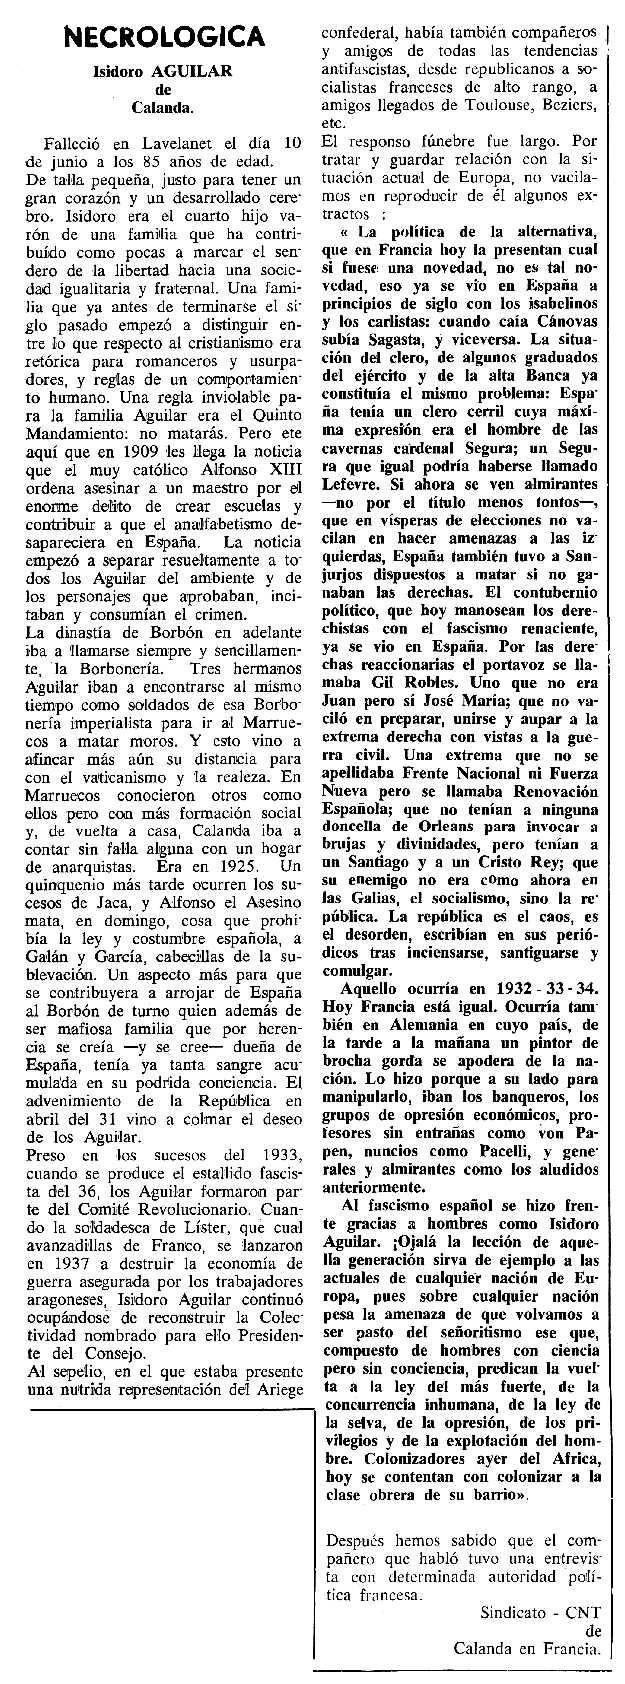 """Necrològica d'Isidoro Aguilar Albert apareguda en el periòdic tolosà """"Cenit"""" del 10 d'octubre de 1988"""